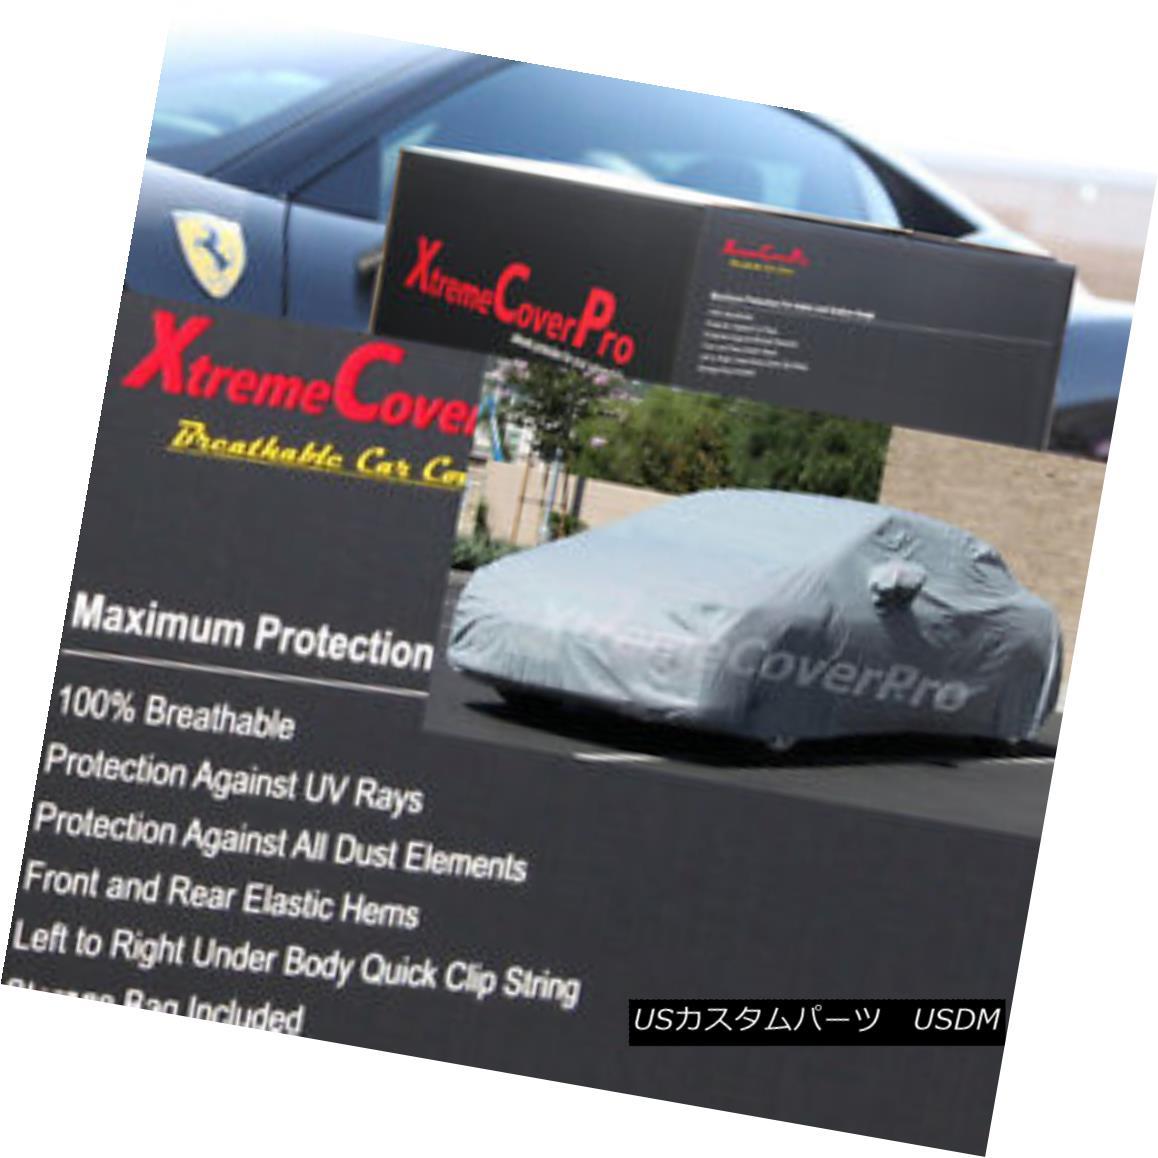 カーカバー 2004 2005 Subaru Impreza Sedan Breathable Car Cover w/MirrorPocket 2004年2005年スバルインプレッサセダン通気性車カバー付き(MirrorPocket)